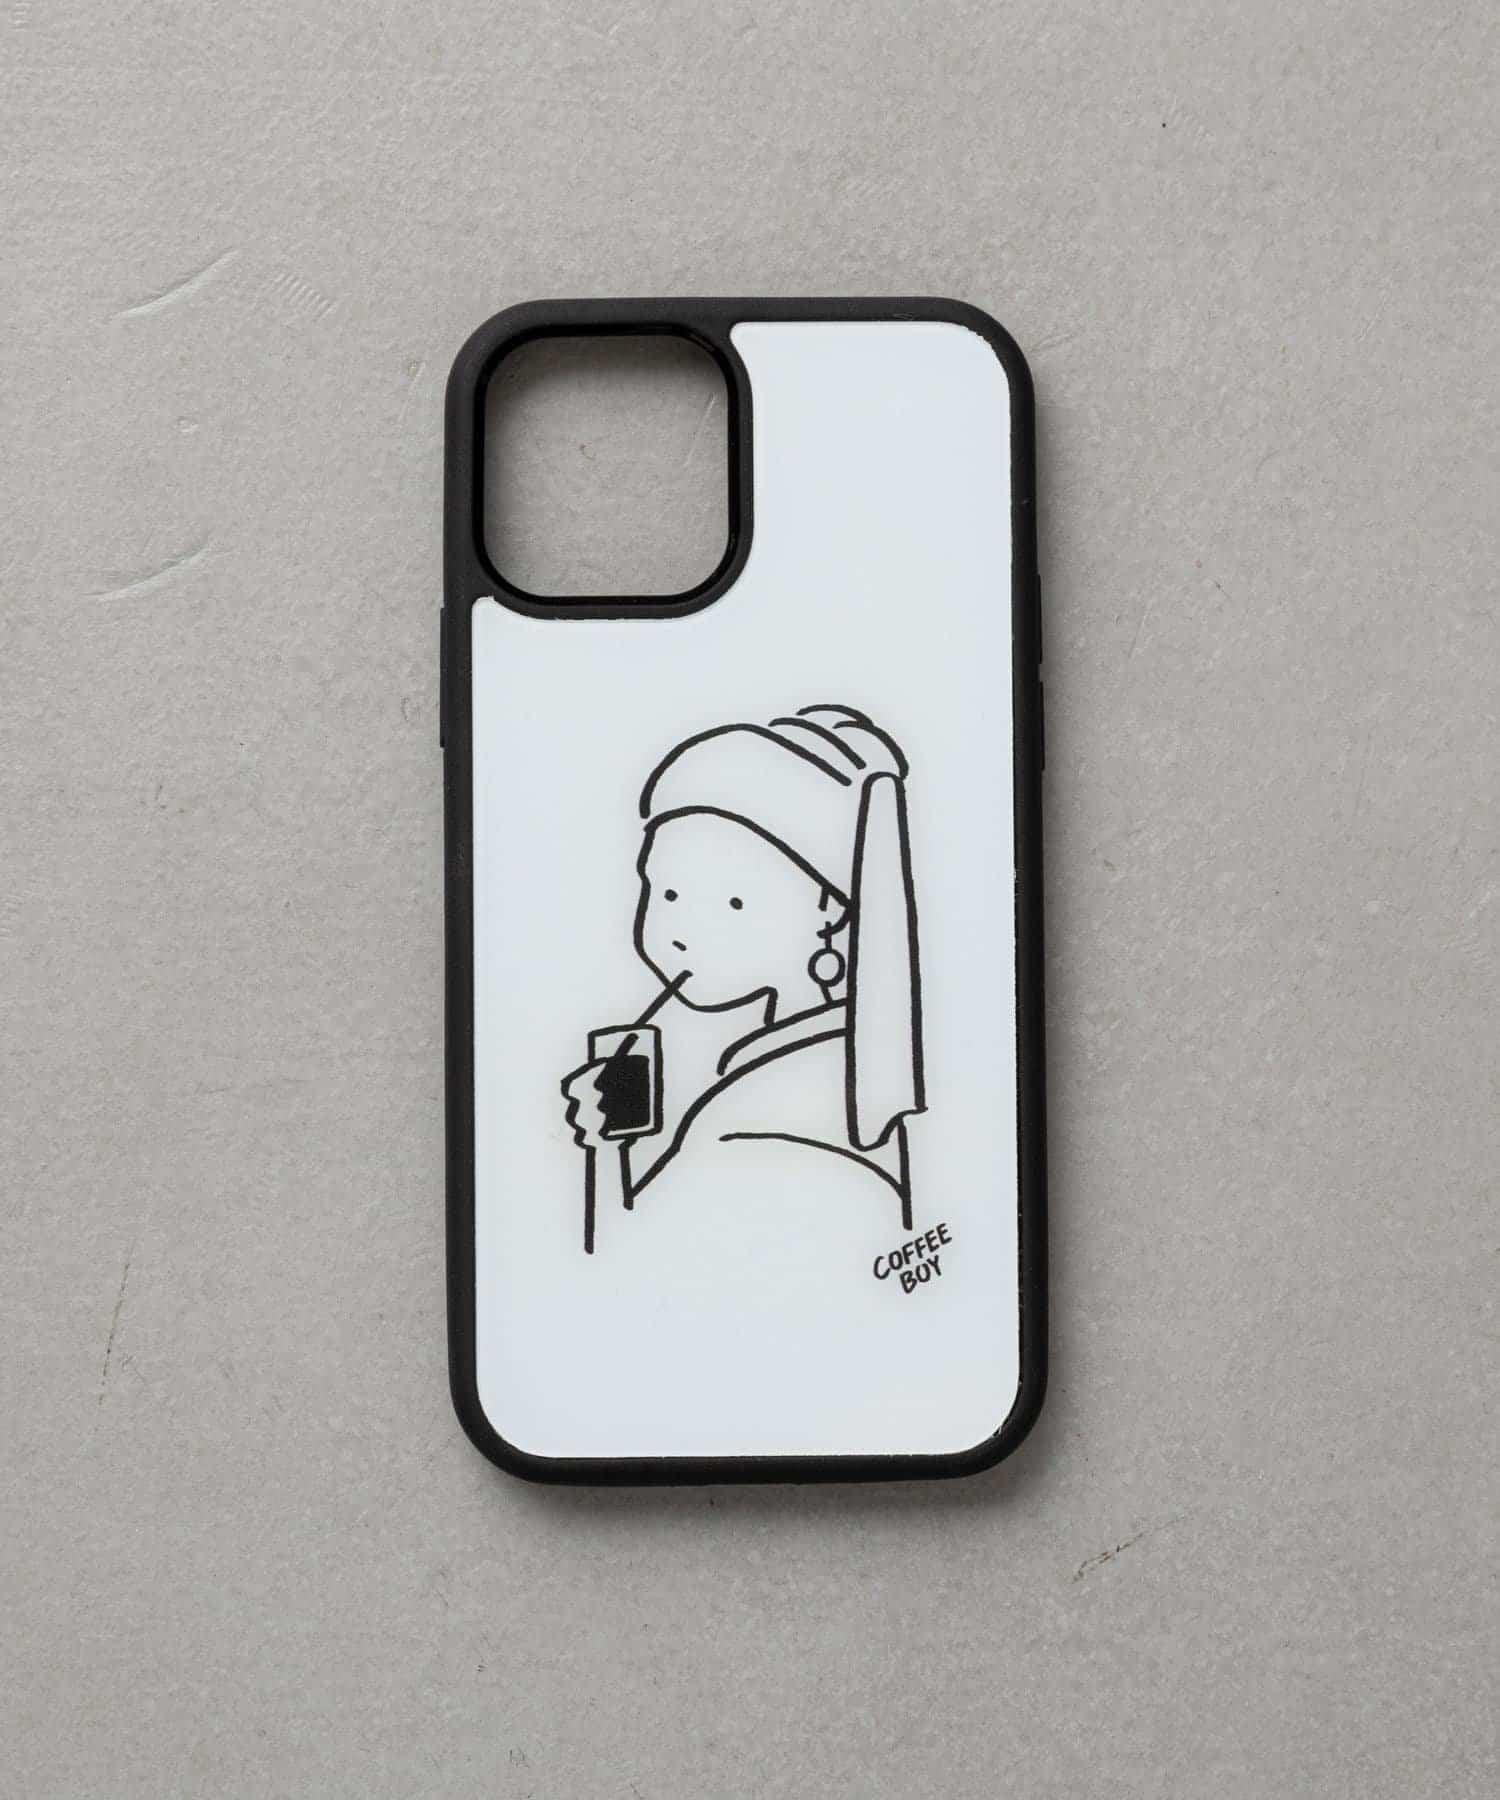 BIRTHDAY BAR(バースデイバー) レディース 【受注予約】COFFEE BOY iPhoneケース その他20